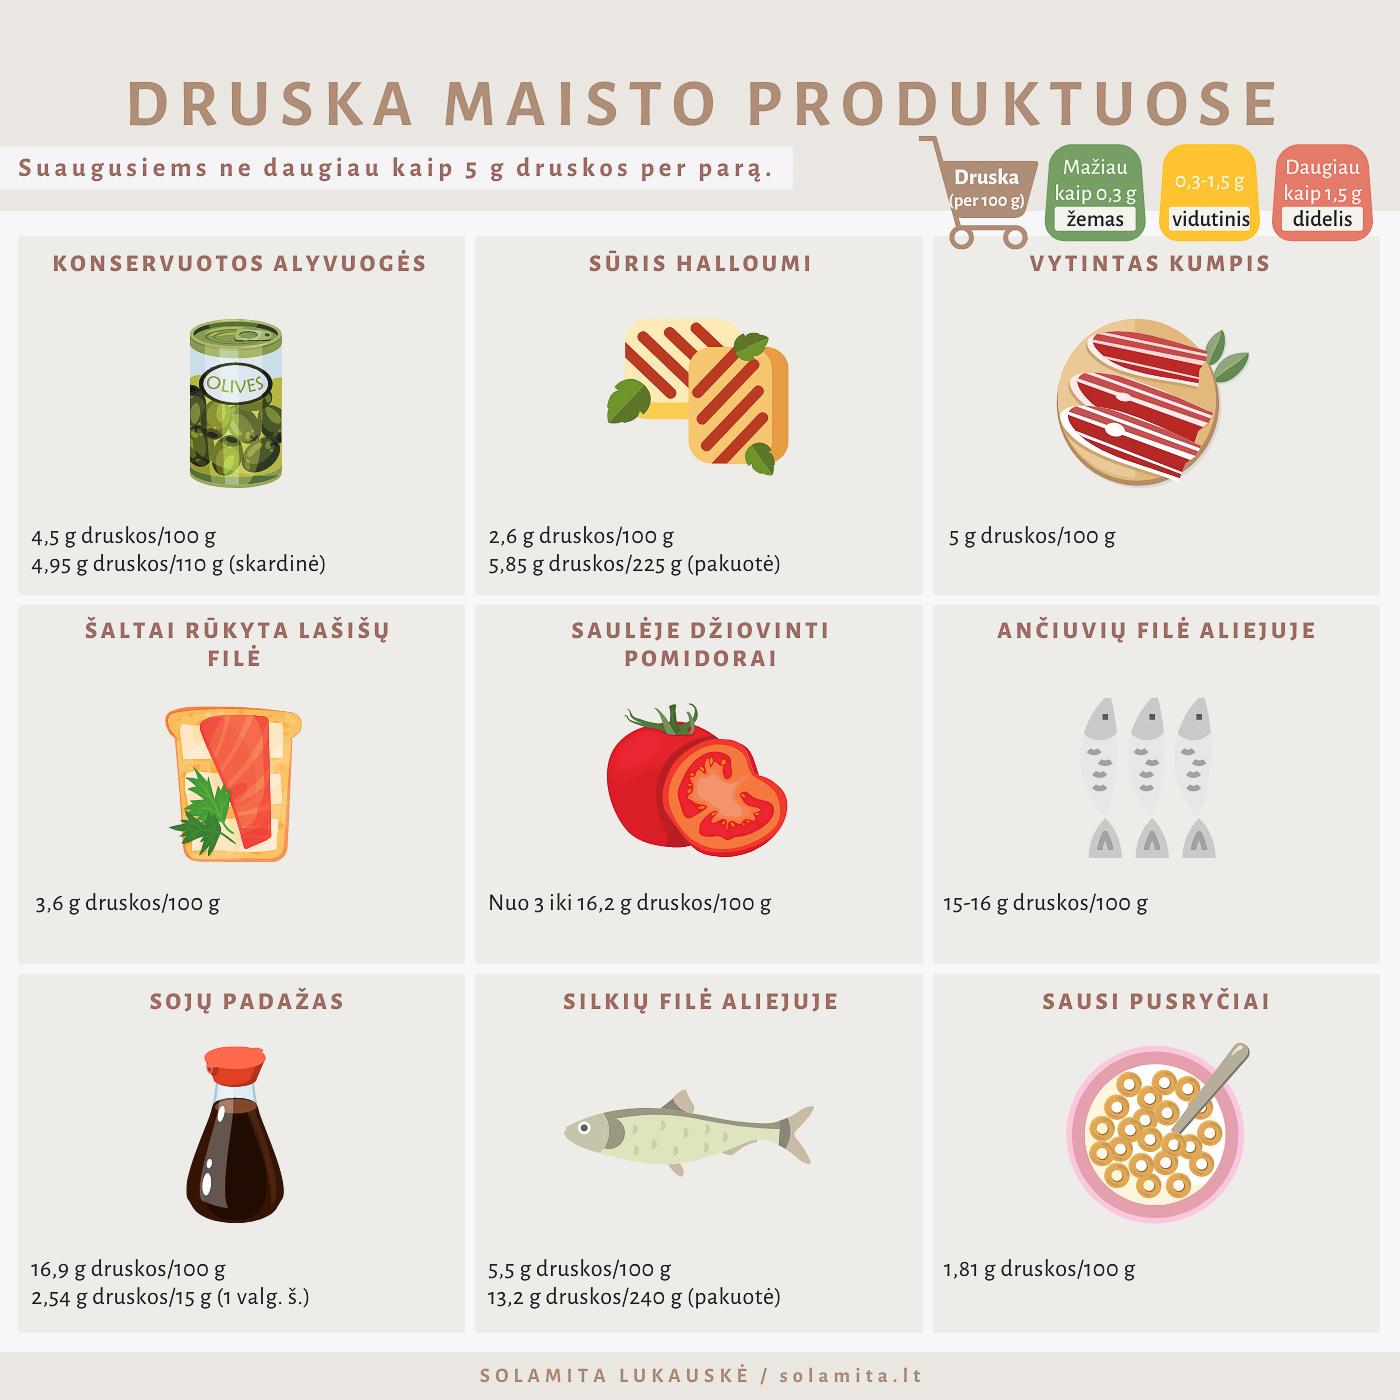 Druska maisto produktuose